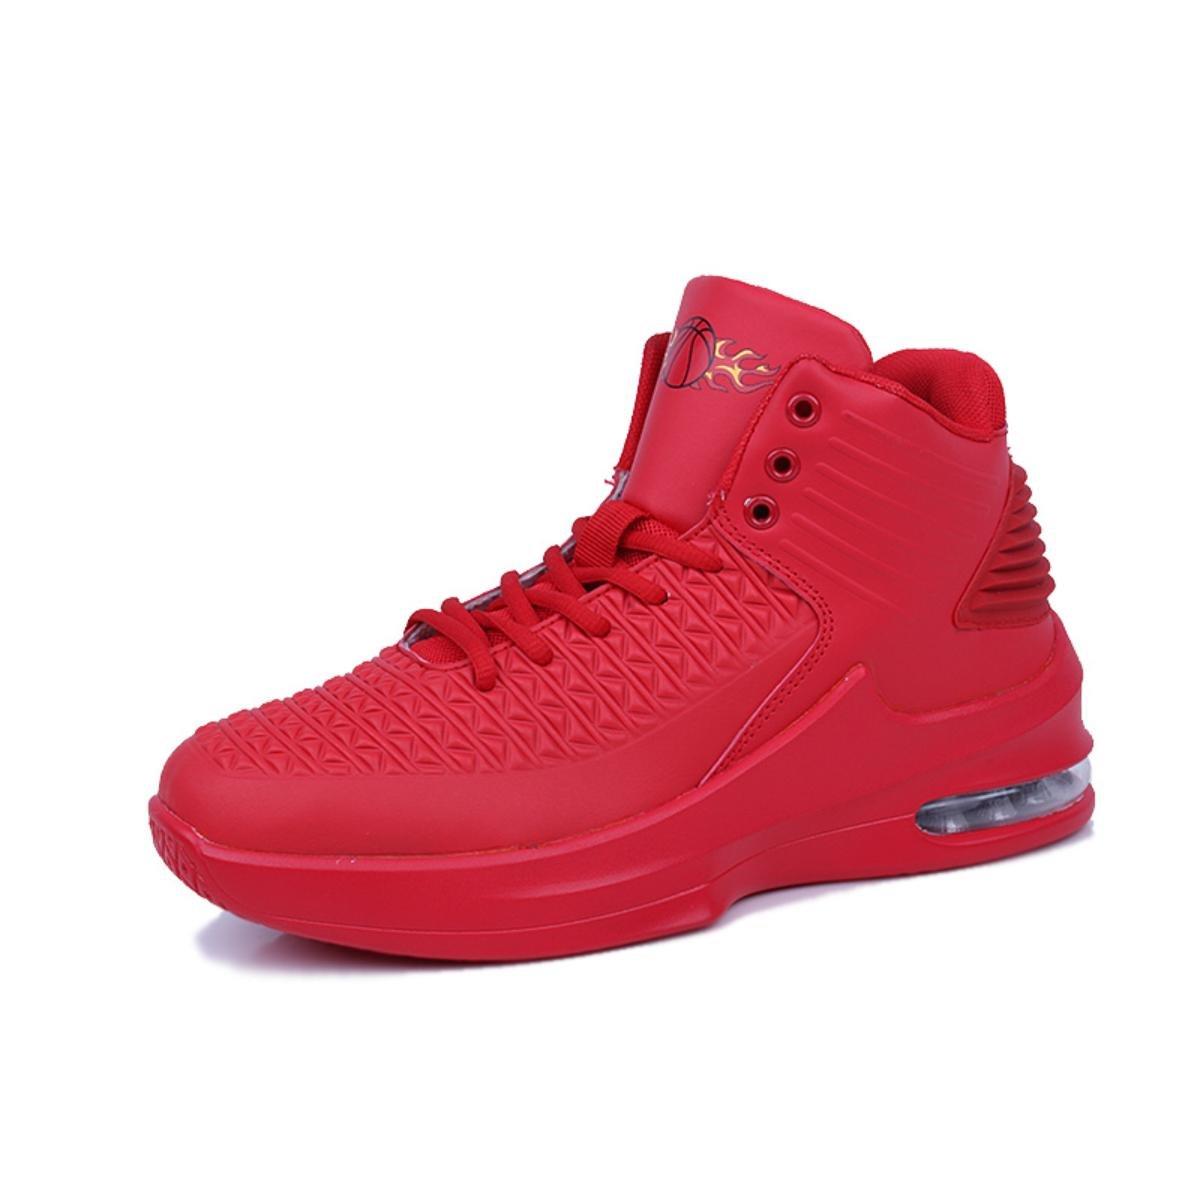 hommes hommes / coussin femmes un coussin / d'air chaussures de marche chaussures sport nouveau mi - chaussure de basket pour garçon élégant et moderne et mode élégante an9644 emballage léger pour chaussures 239e55